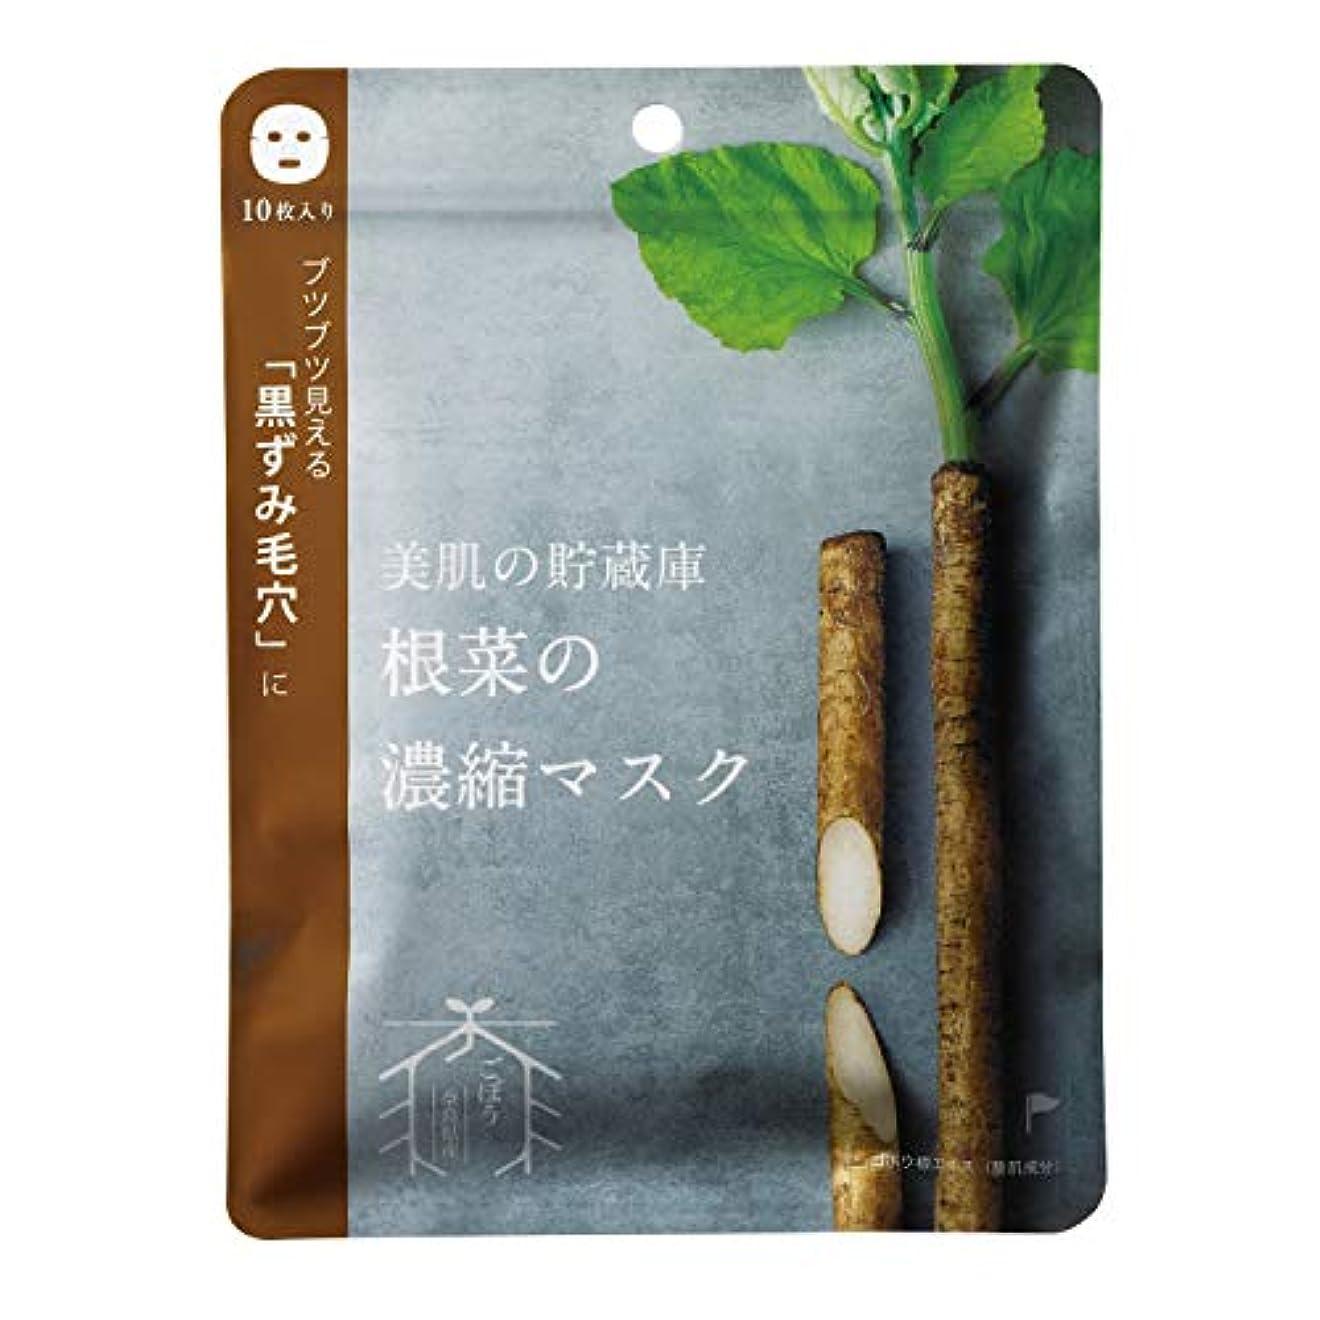 性能ストライド行@cosme nippon 美肌の貯蔵庫 根菜の濃縮マスク 宇陀金ごぼう 10枚 160ml